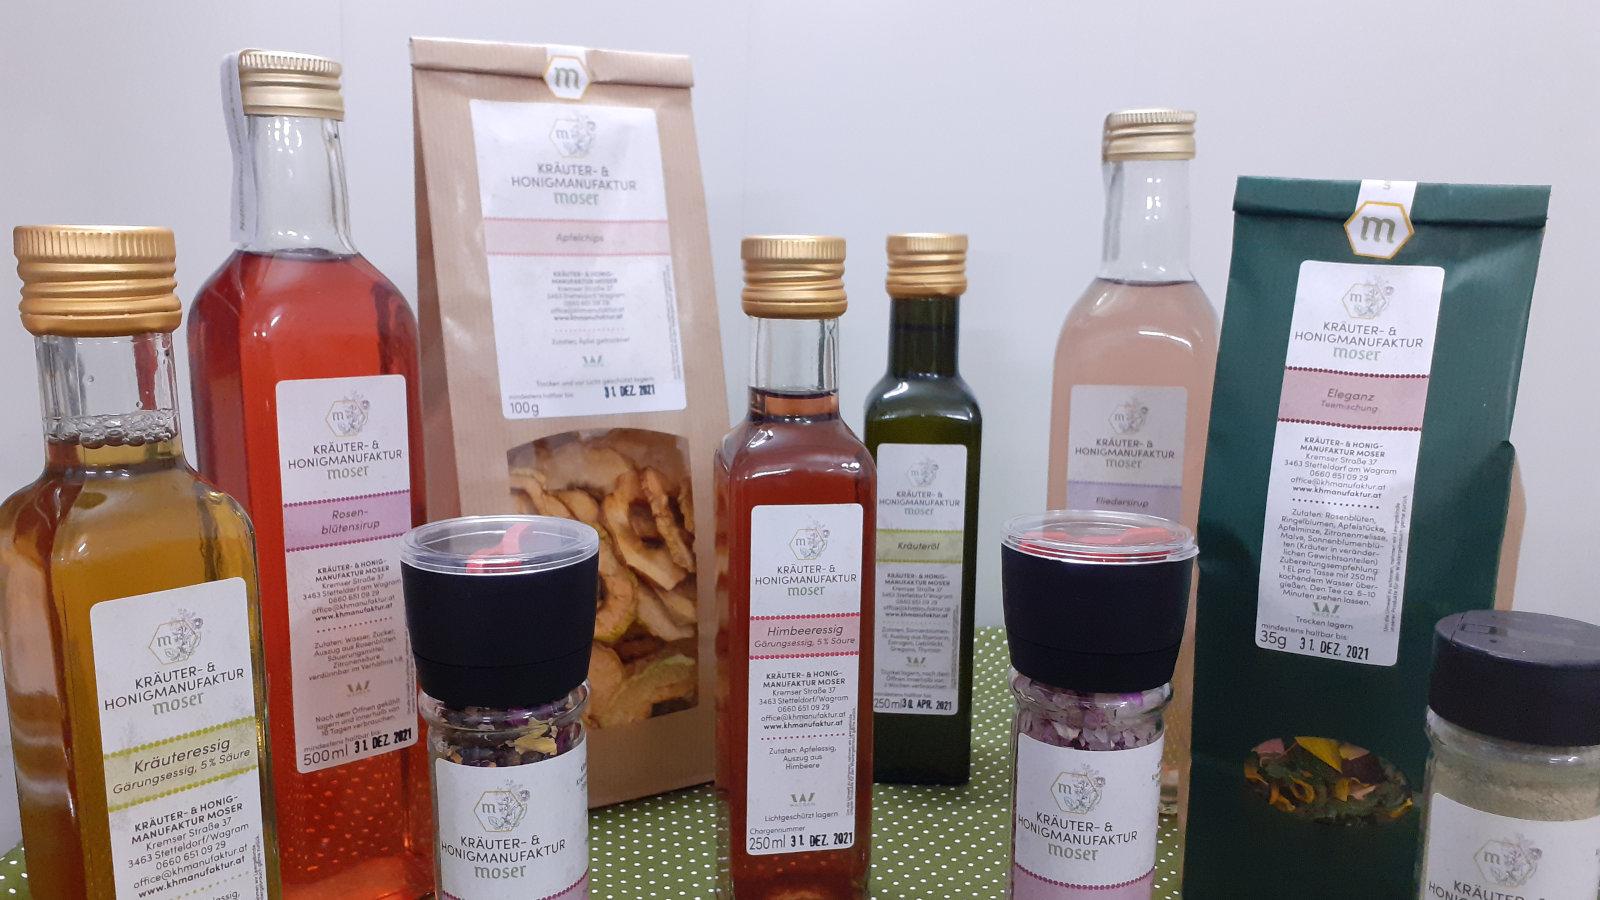 Honig und Kräuterprodukte